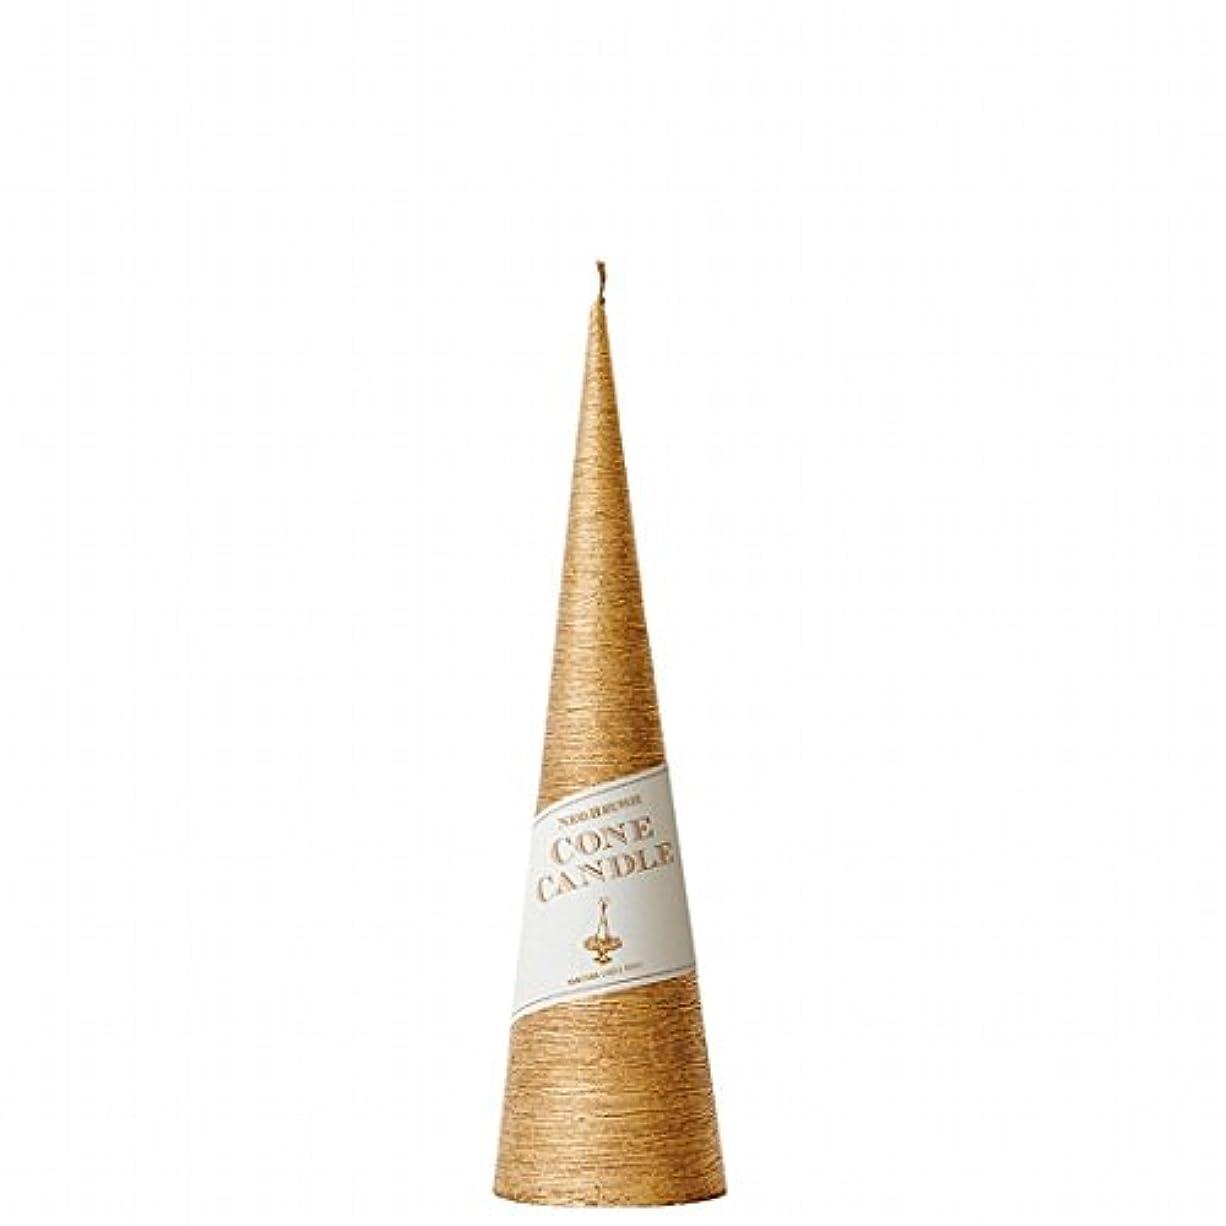 ずるい強打センチメンタルkameyama candle(カメヤマキャンドル) ネオブラッシュコーン 230 キャンドル 「 ゴールド 」 6個セット(A9750120GO)